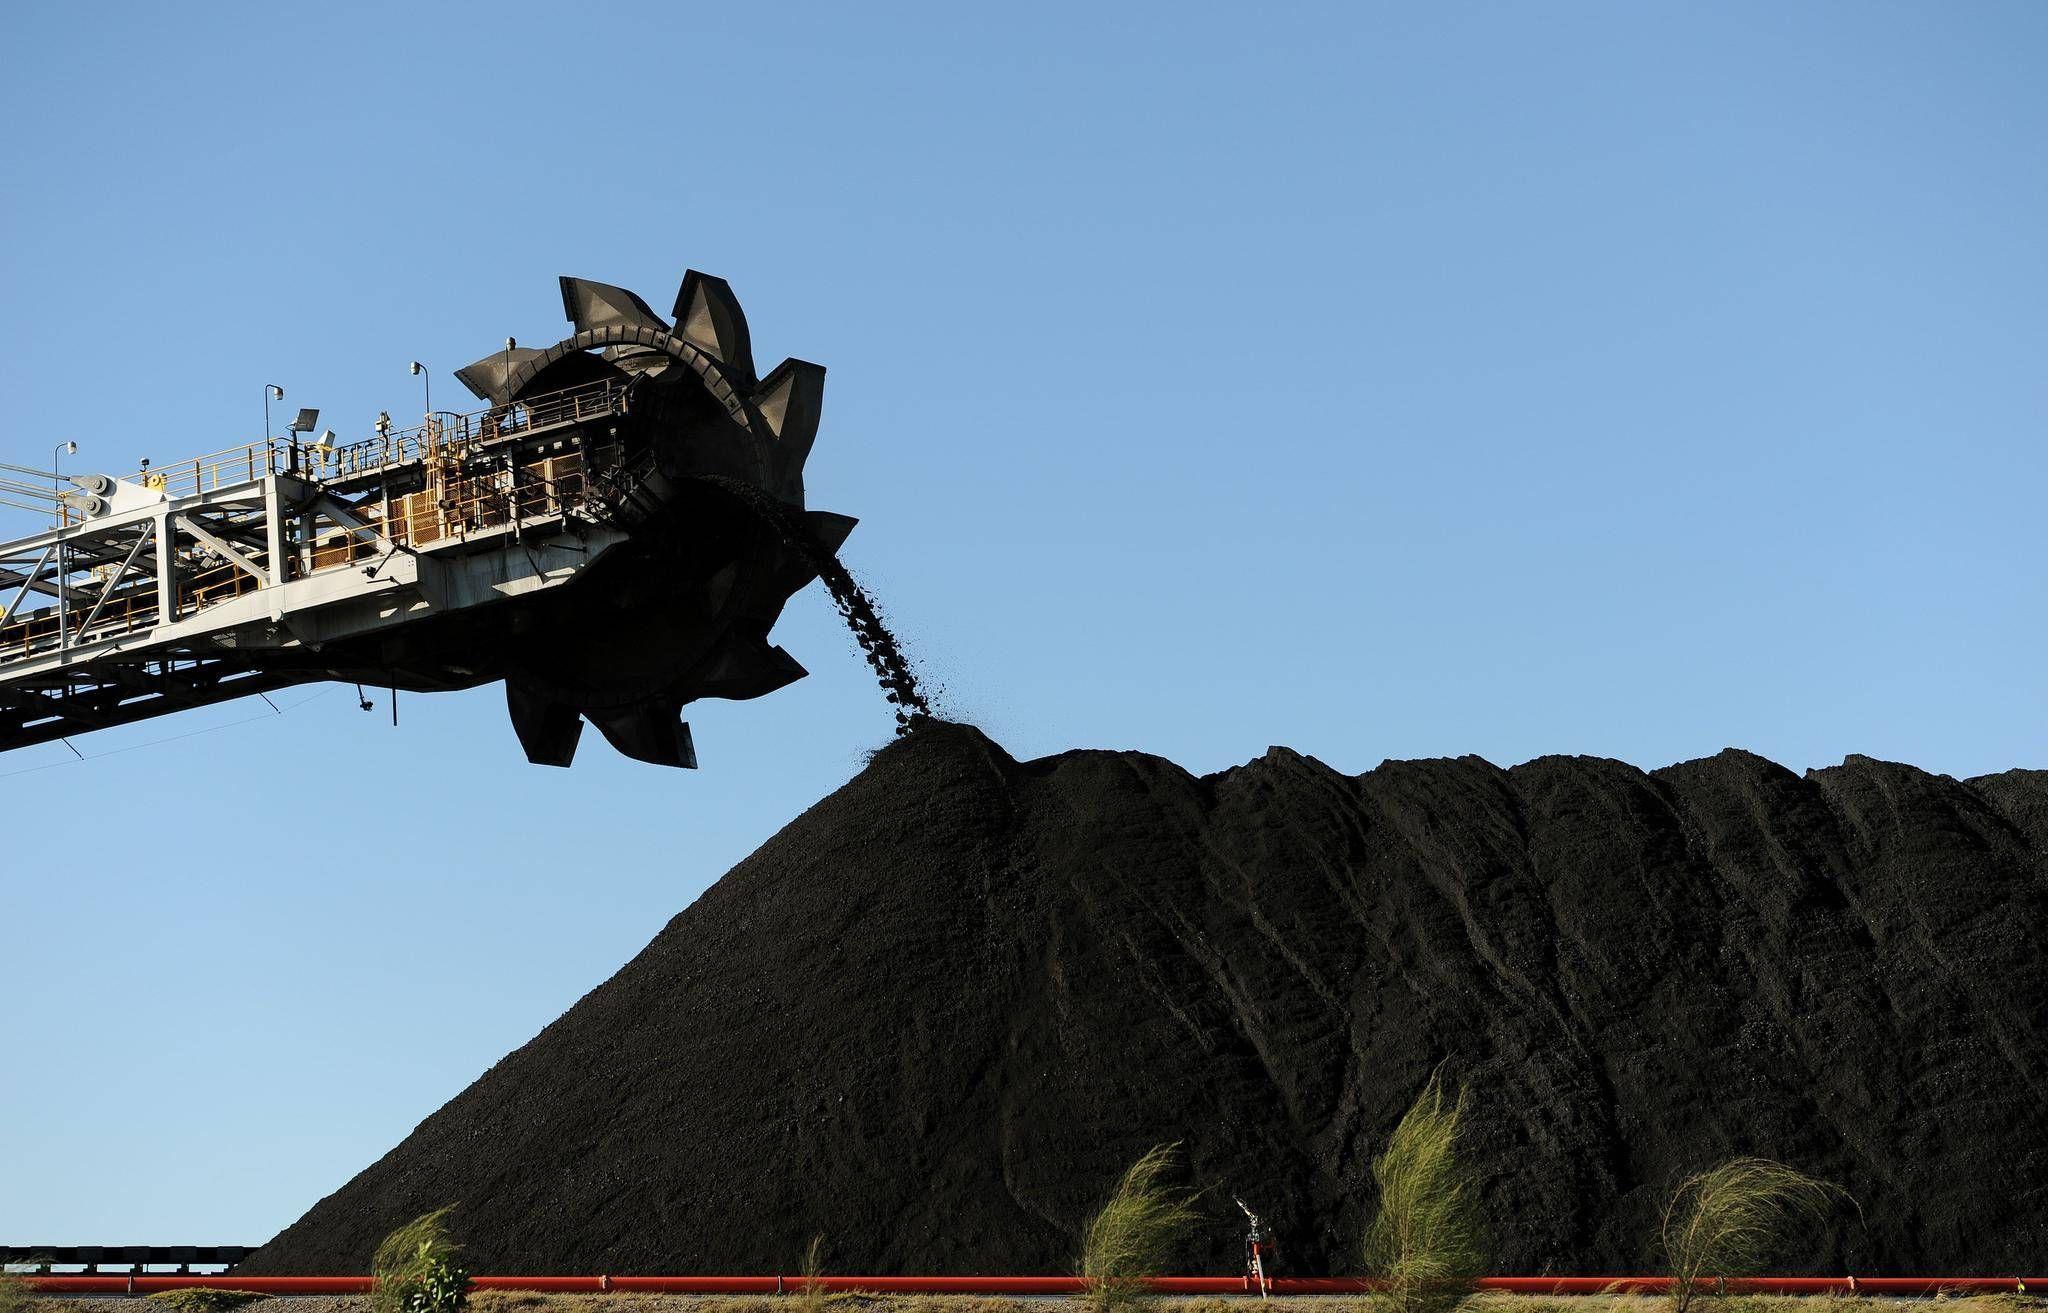 Hòa Phát dự kiến nhập 3,5 triệu tấn than từ Australia - Ảnh 1.